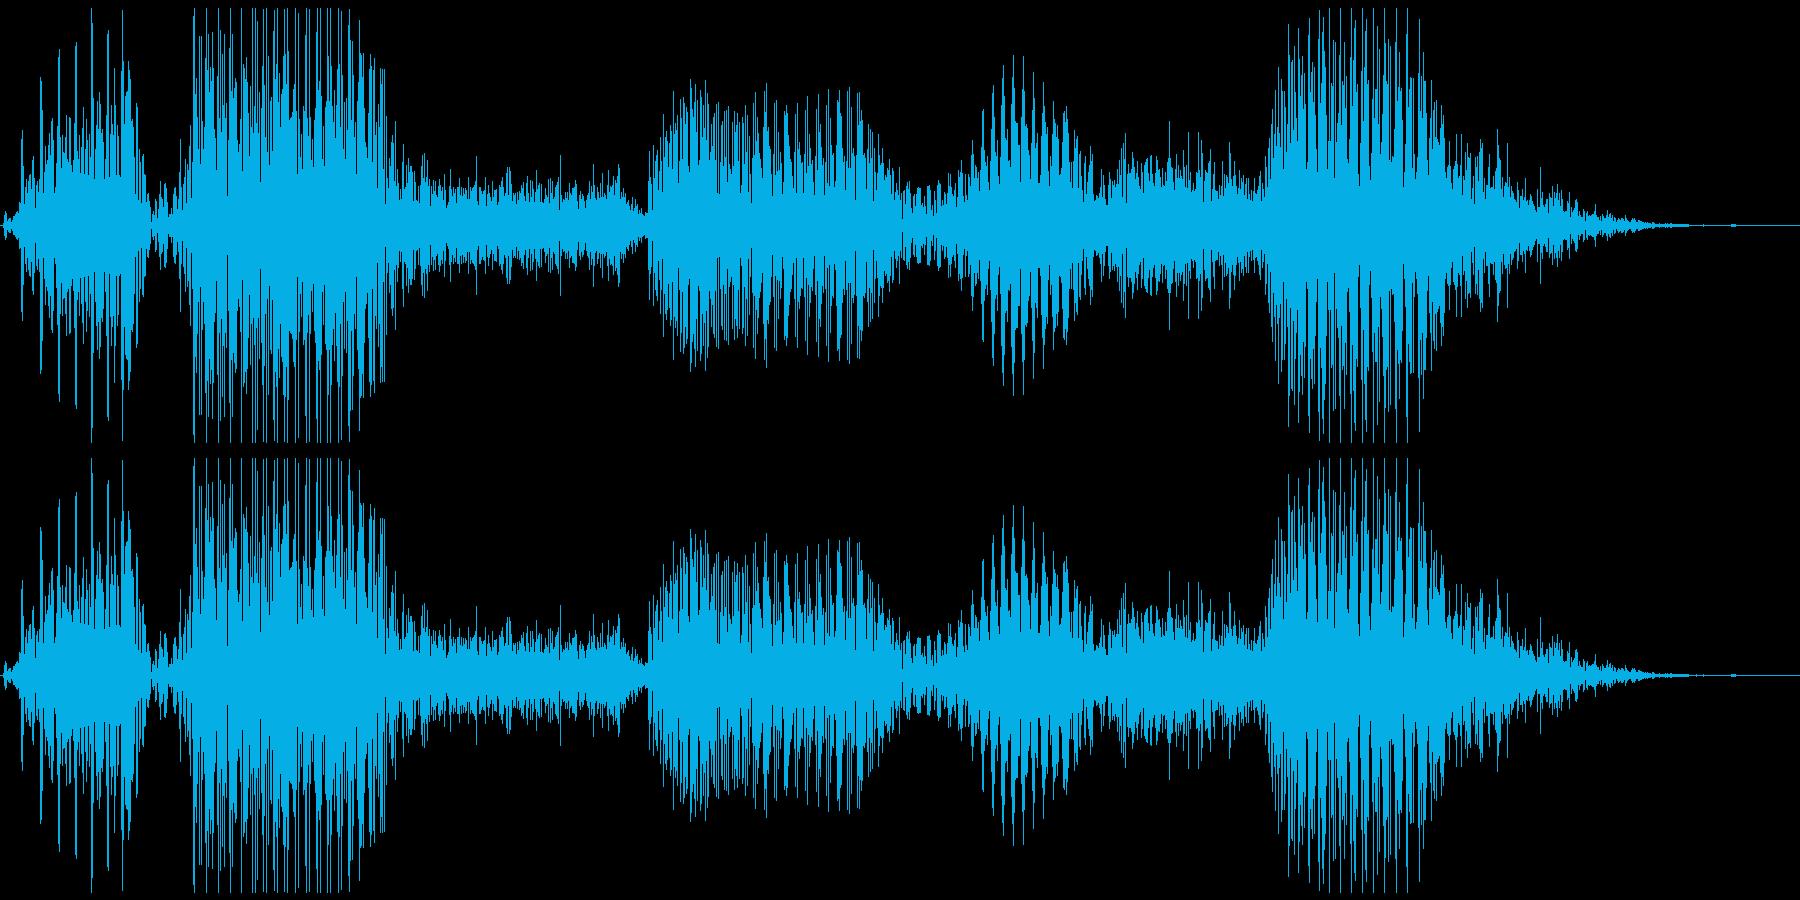 「いらっしゃいませ」システムボイスにの再生済みの波形